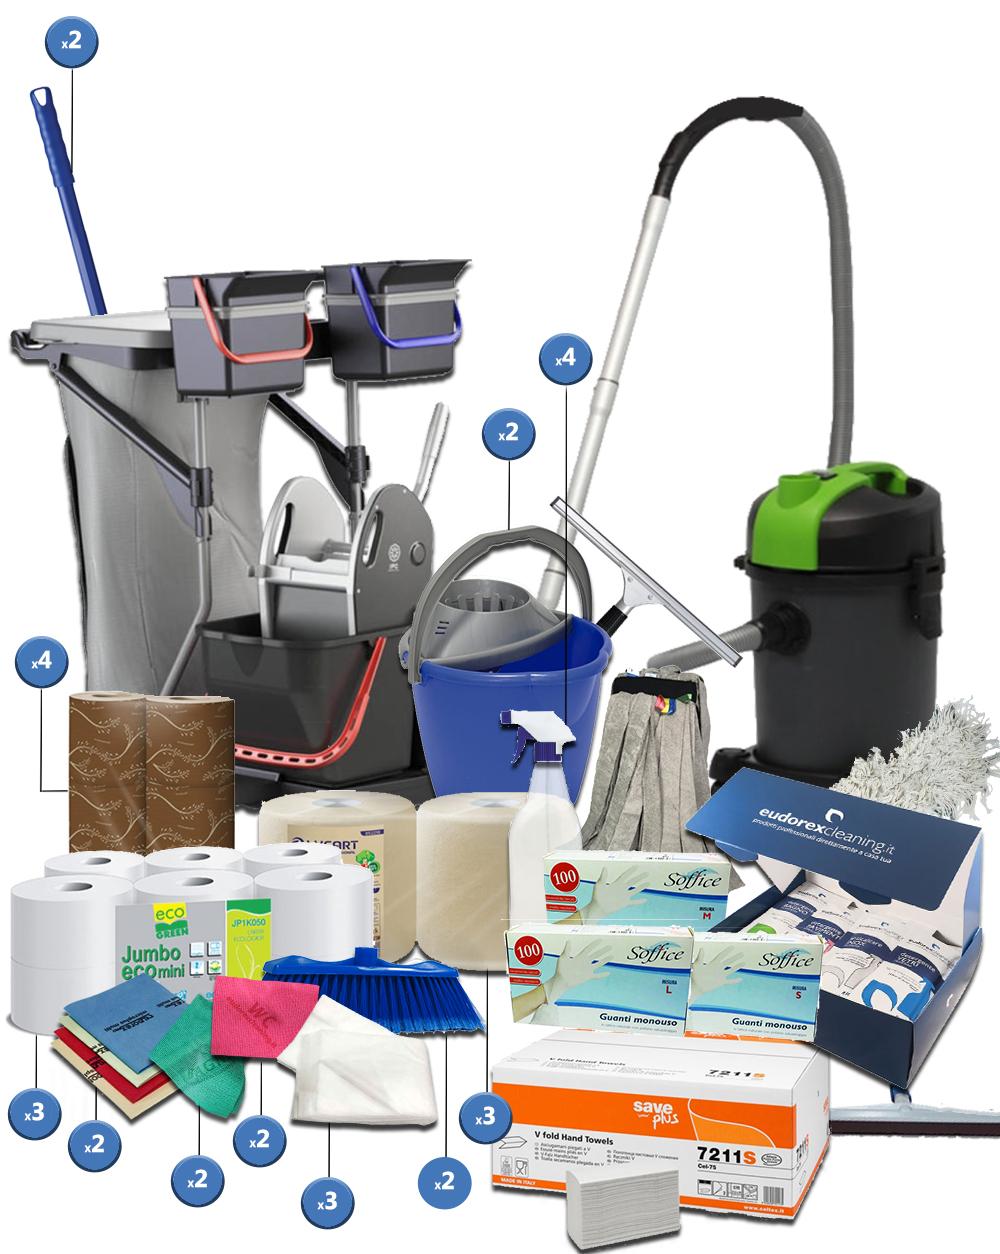 <span class='p-name'>Kit completo imprese pulizie con carrello completo e aspirapolvere &#8211; 40 prodotti</span>